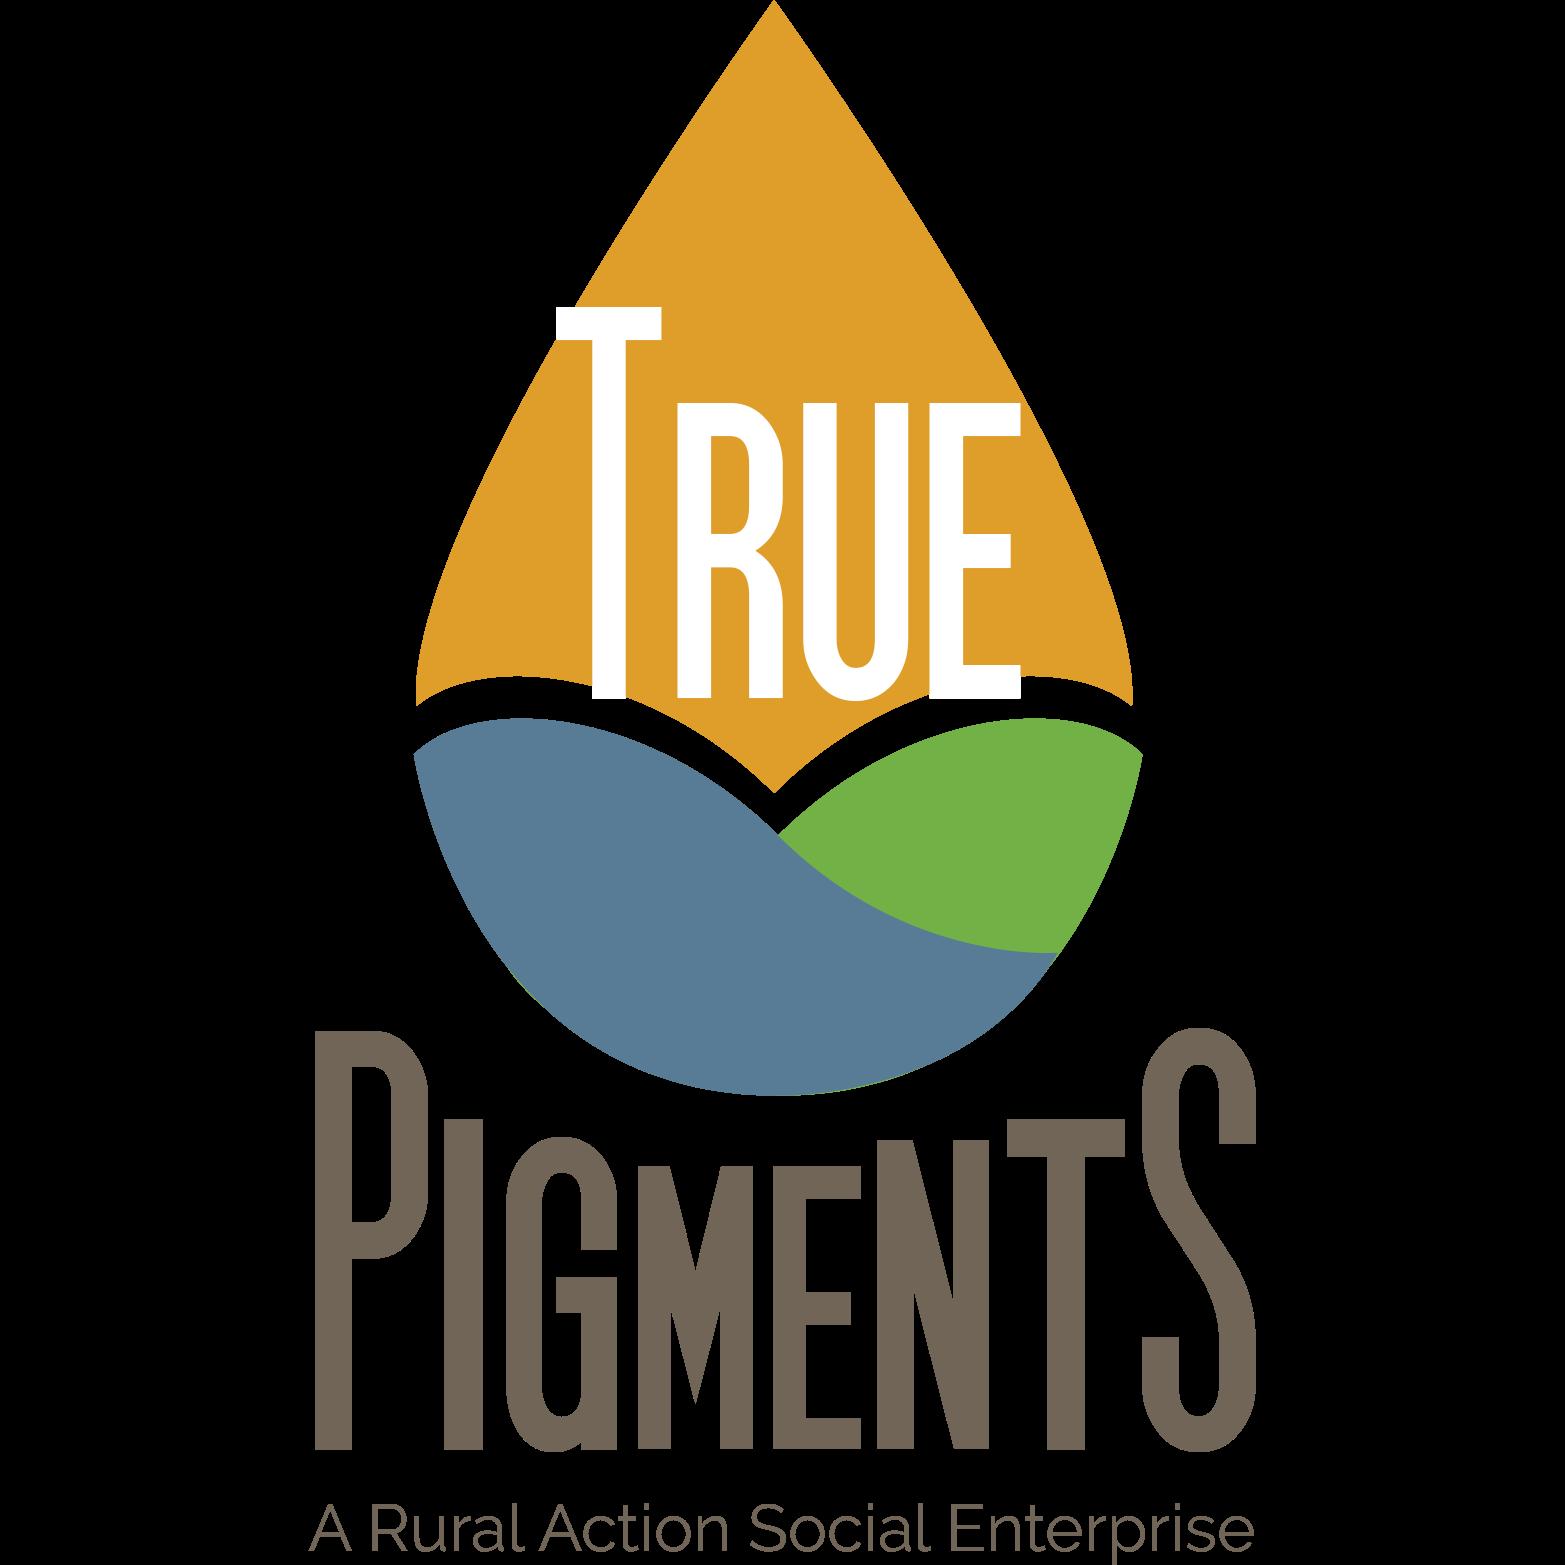 True Pigments